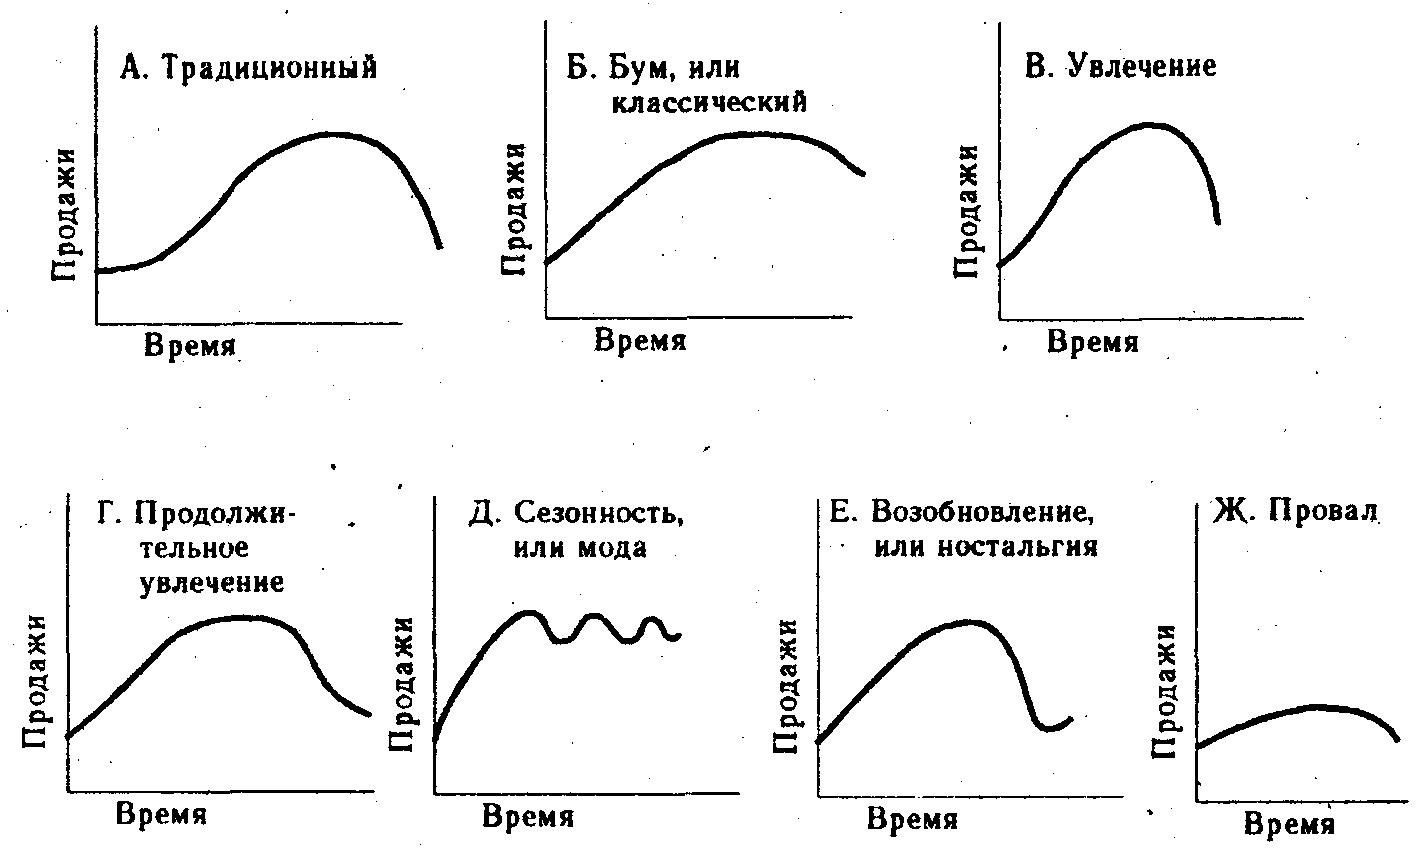 Жизненный цикл товара (графики)